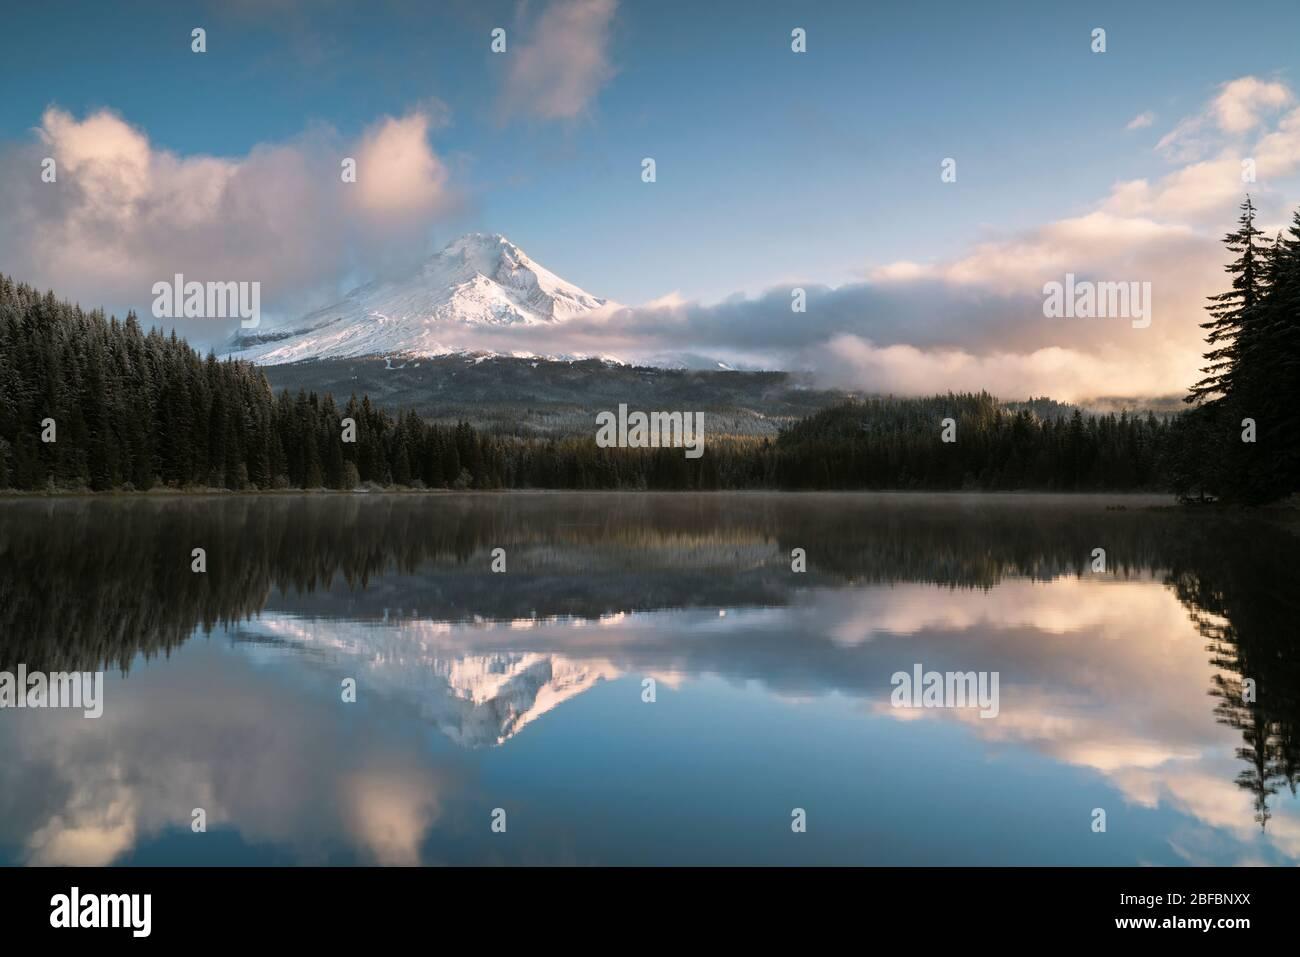 Le nuvole si rompono al mattino presto rivelando una fresca nevicata autunnale sul monte Hood dell'Oregon che si riflette nel lago Trillium. Foto Stock